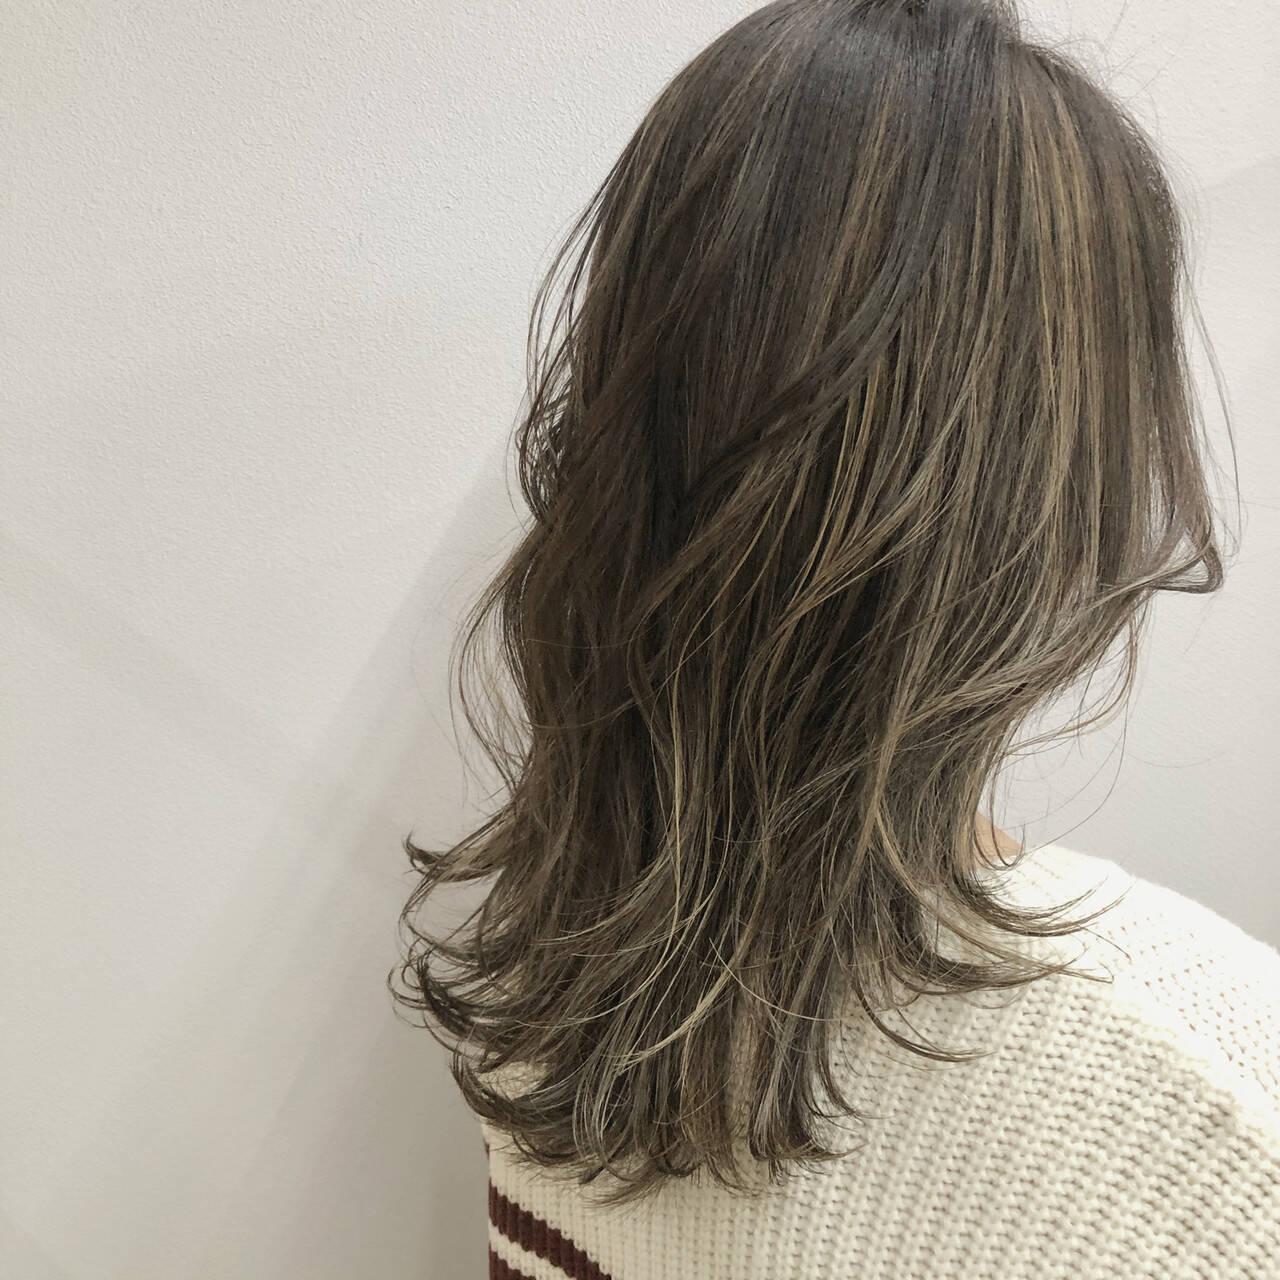 髪質改善トリートメント ハイライト コントラストハイライト セミロングヘアスタイルや髪型の写真・画像